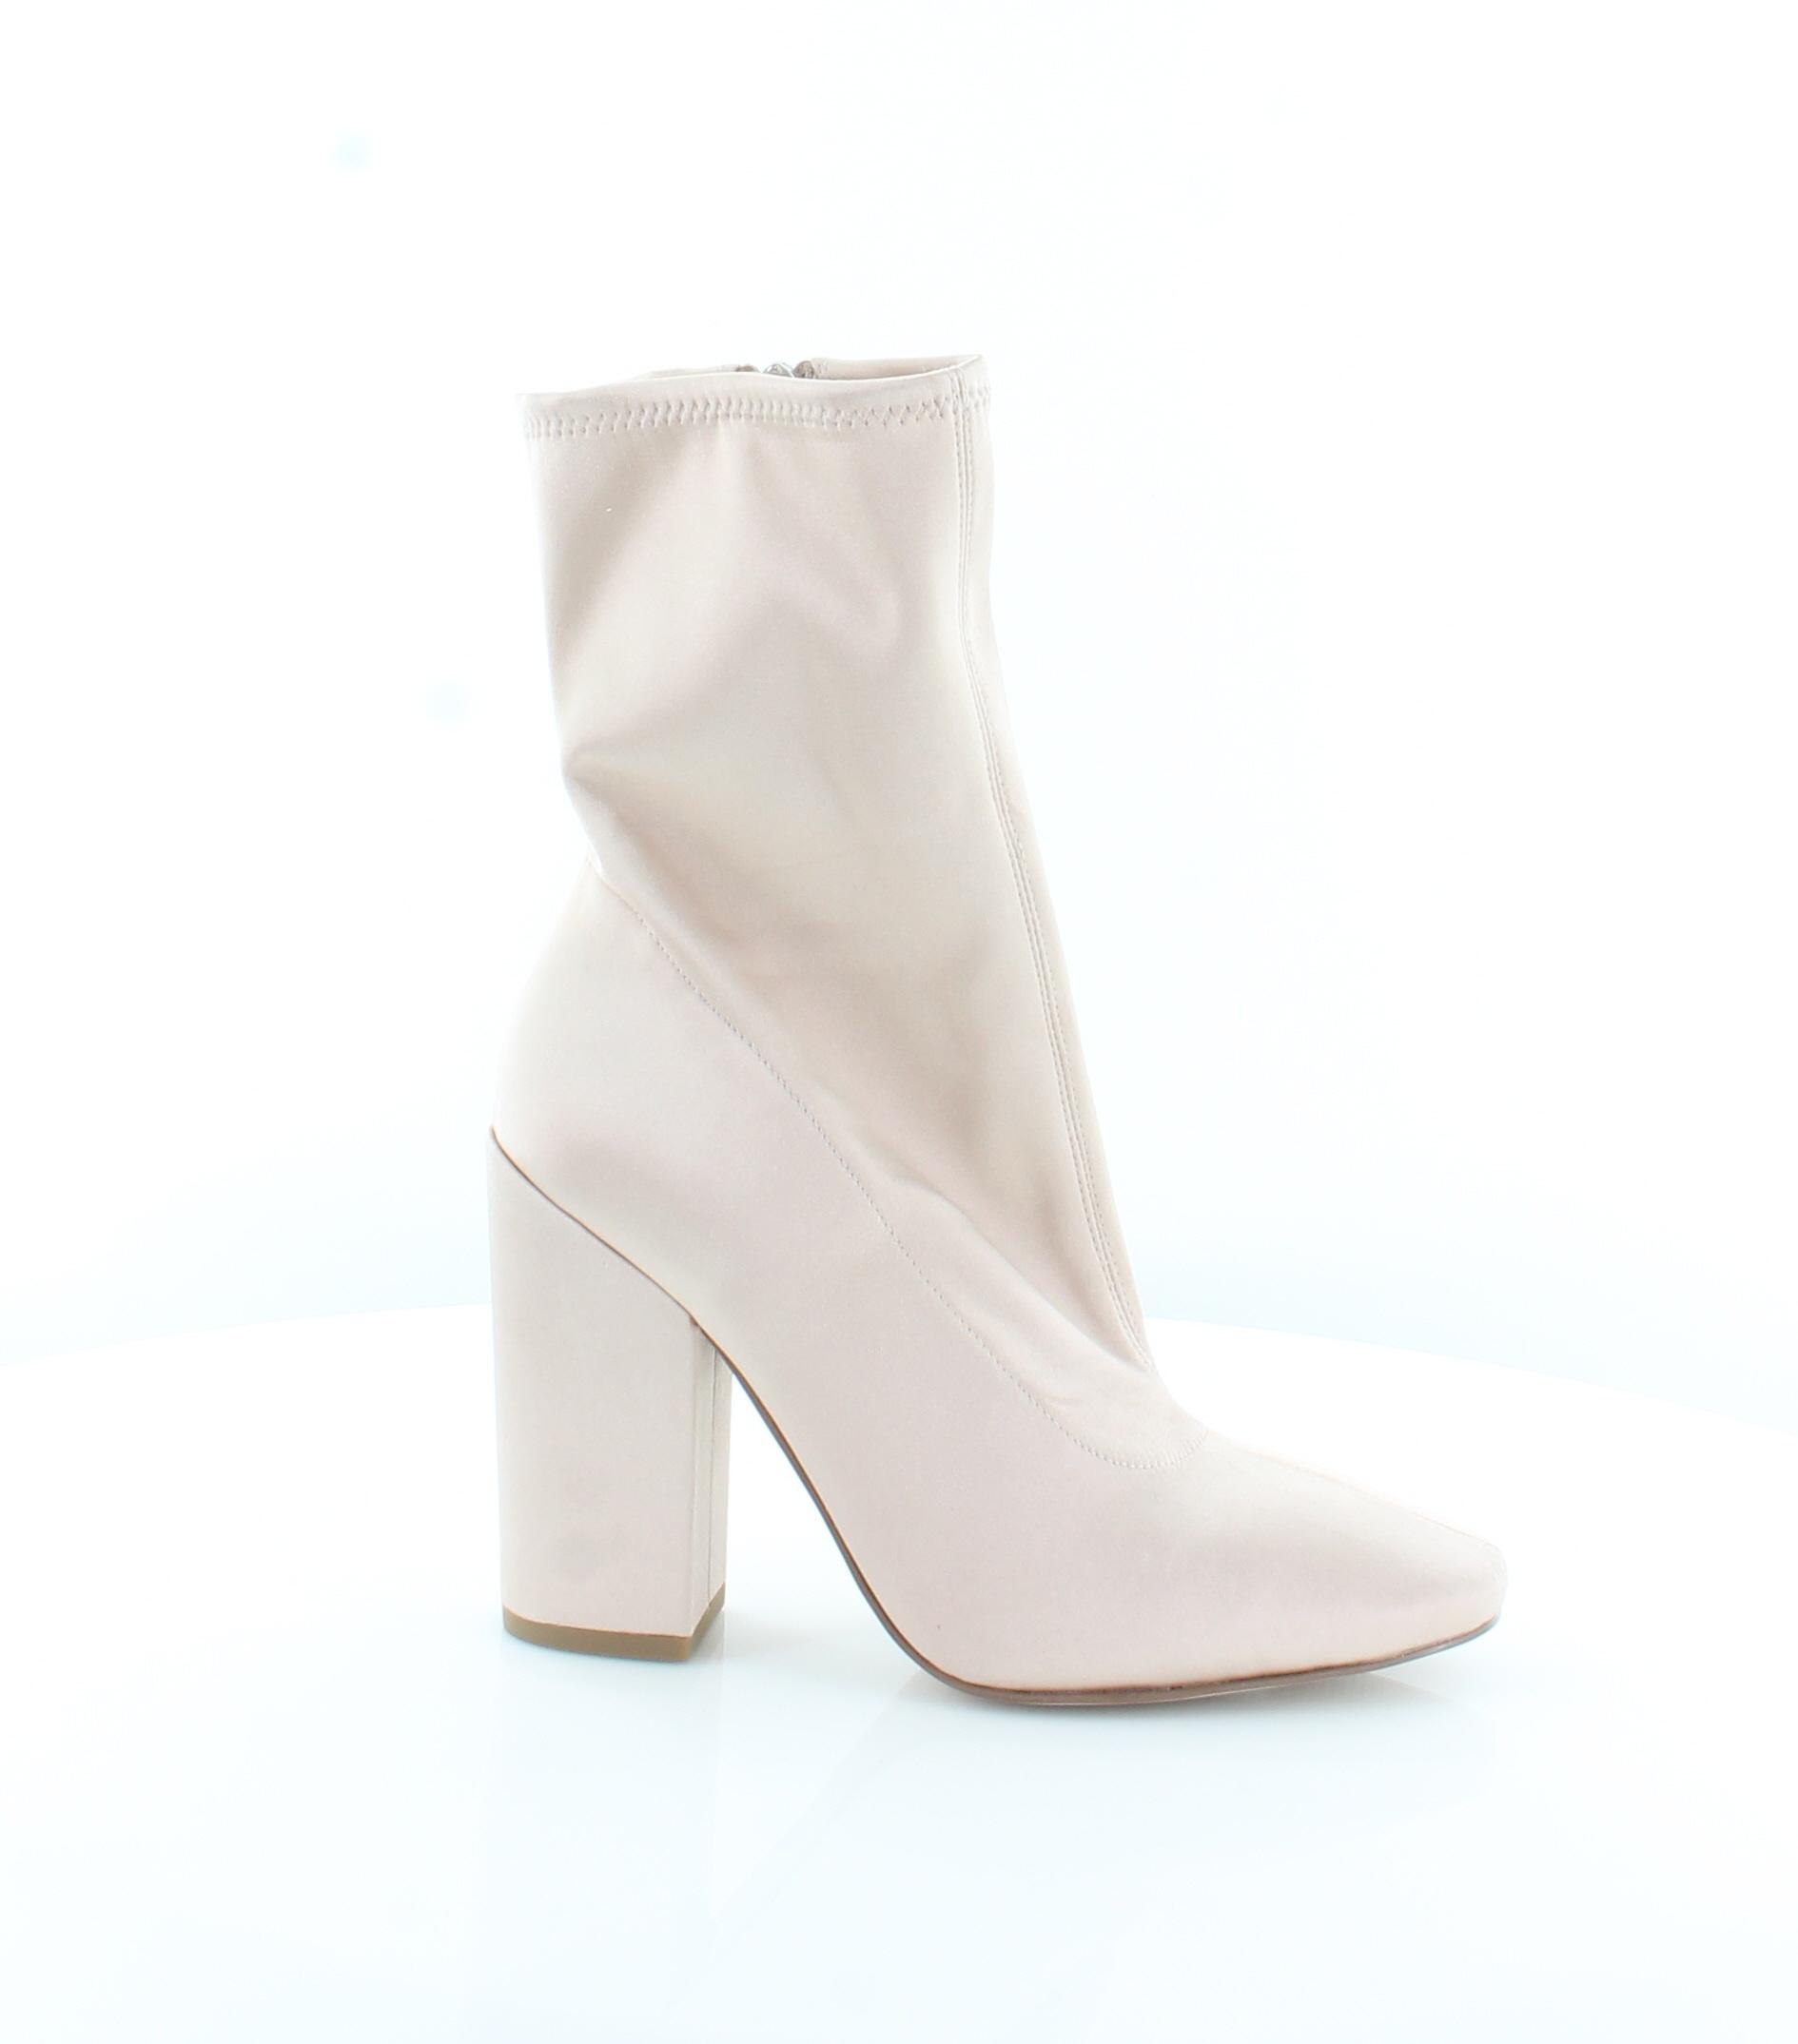 Kendall + Kylie Hailey Rosa damen schuhe Größe 8 M Stiefel MSRP  175